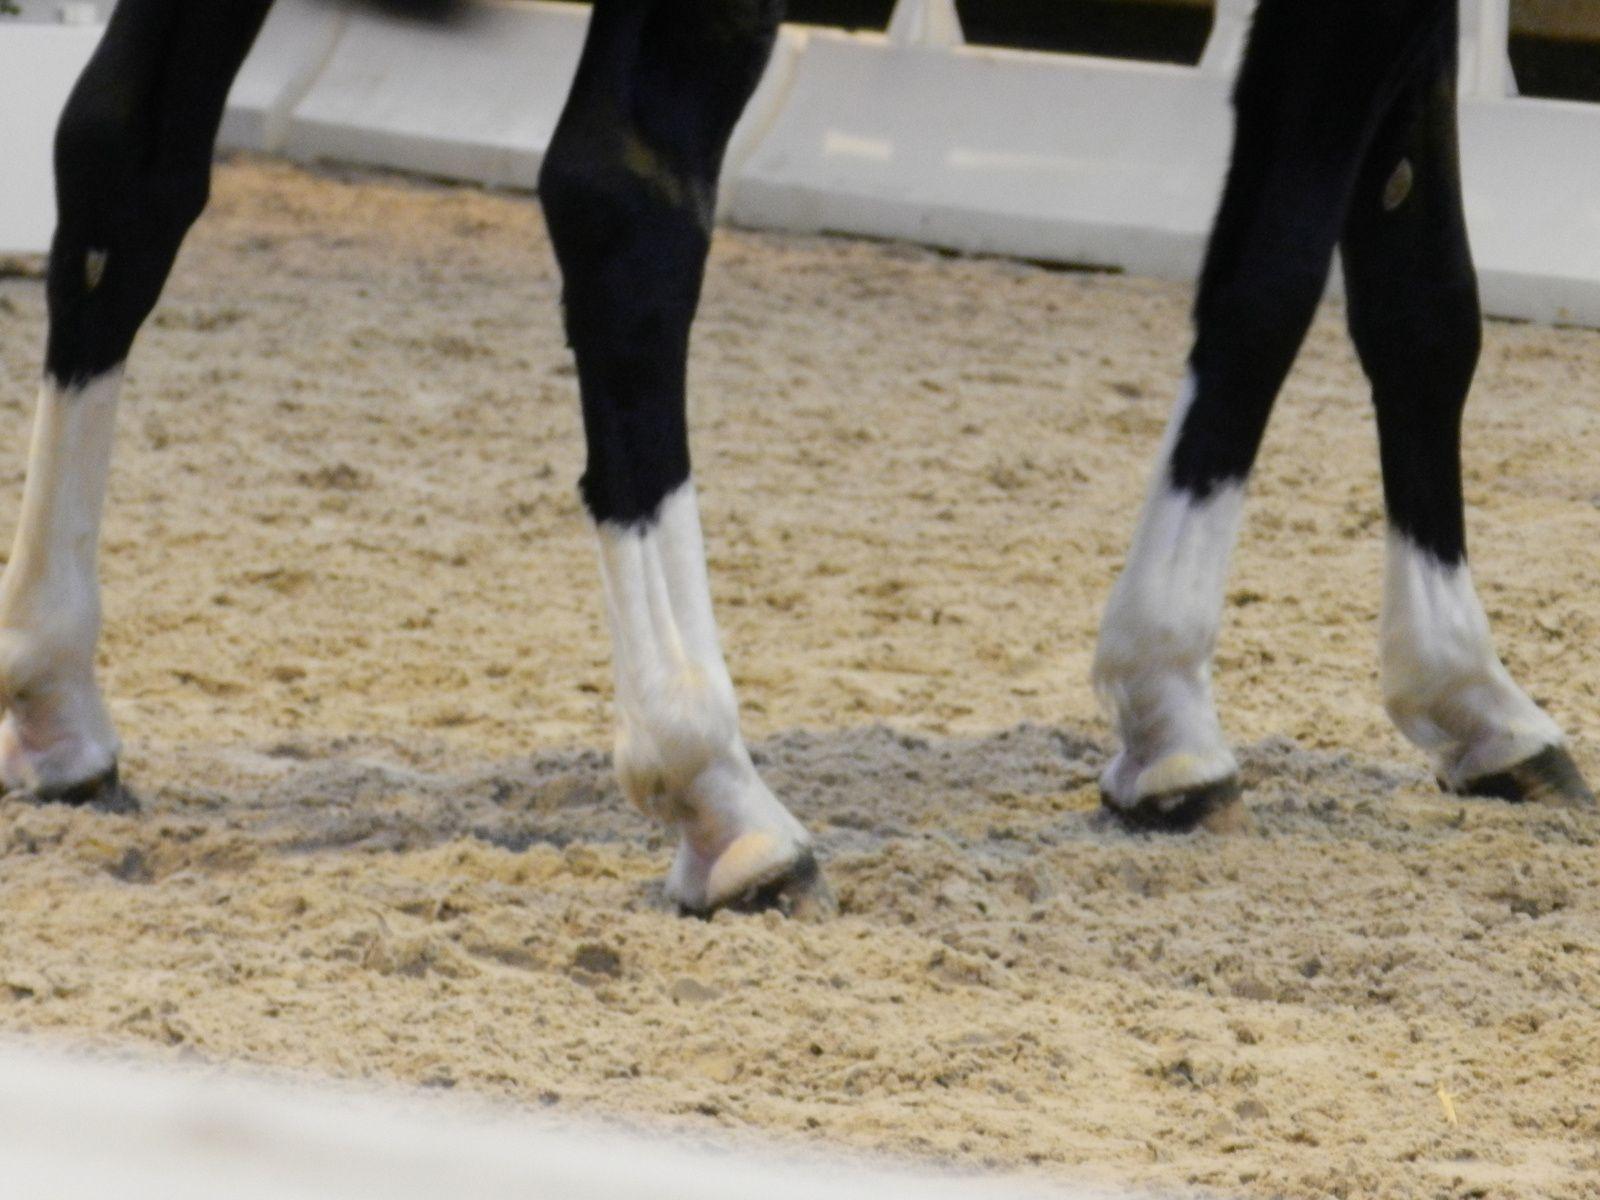 Membres d'un poney. Catherine Kaeffer. Techniques d'élevage. Image soumise à droits d'auteur.